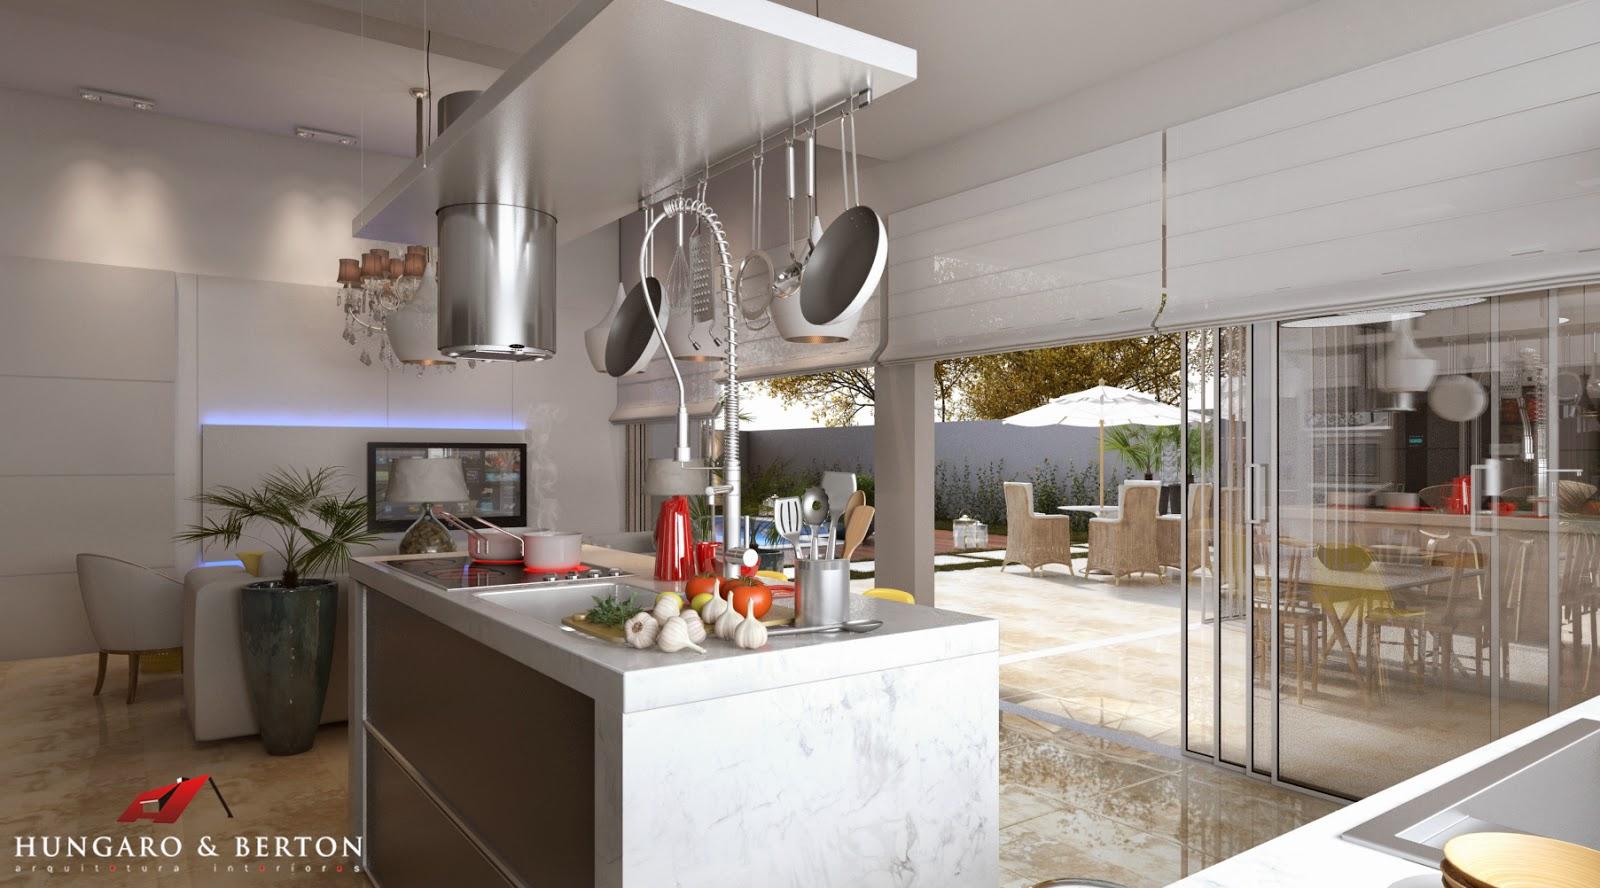 Arquitetura e Interiores: Cozinha Integrada Área de Lazer #AB2E20 1600 888